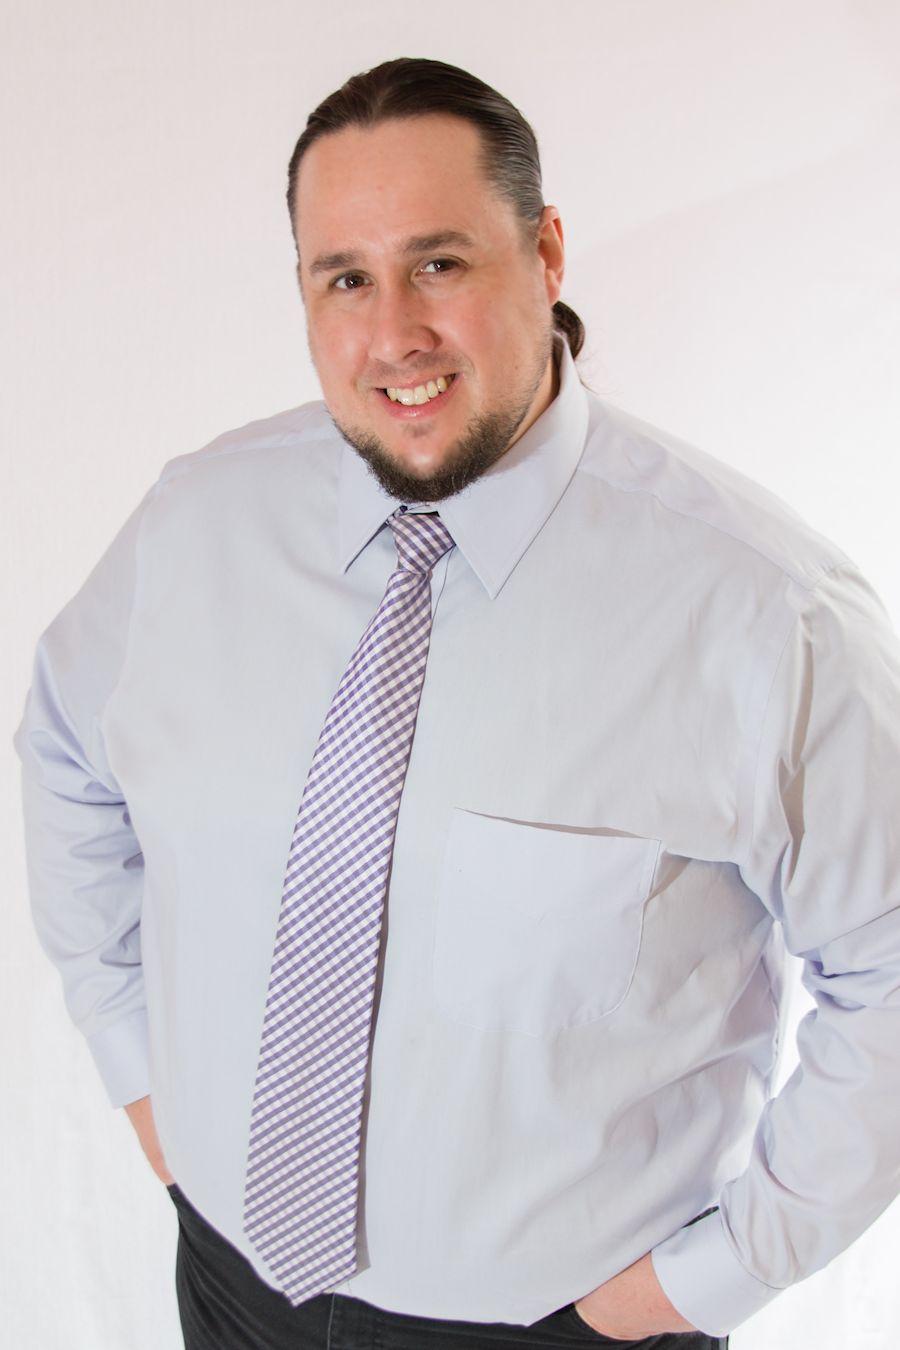 Aaron Benner